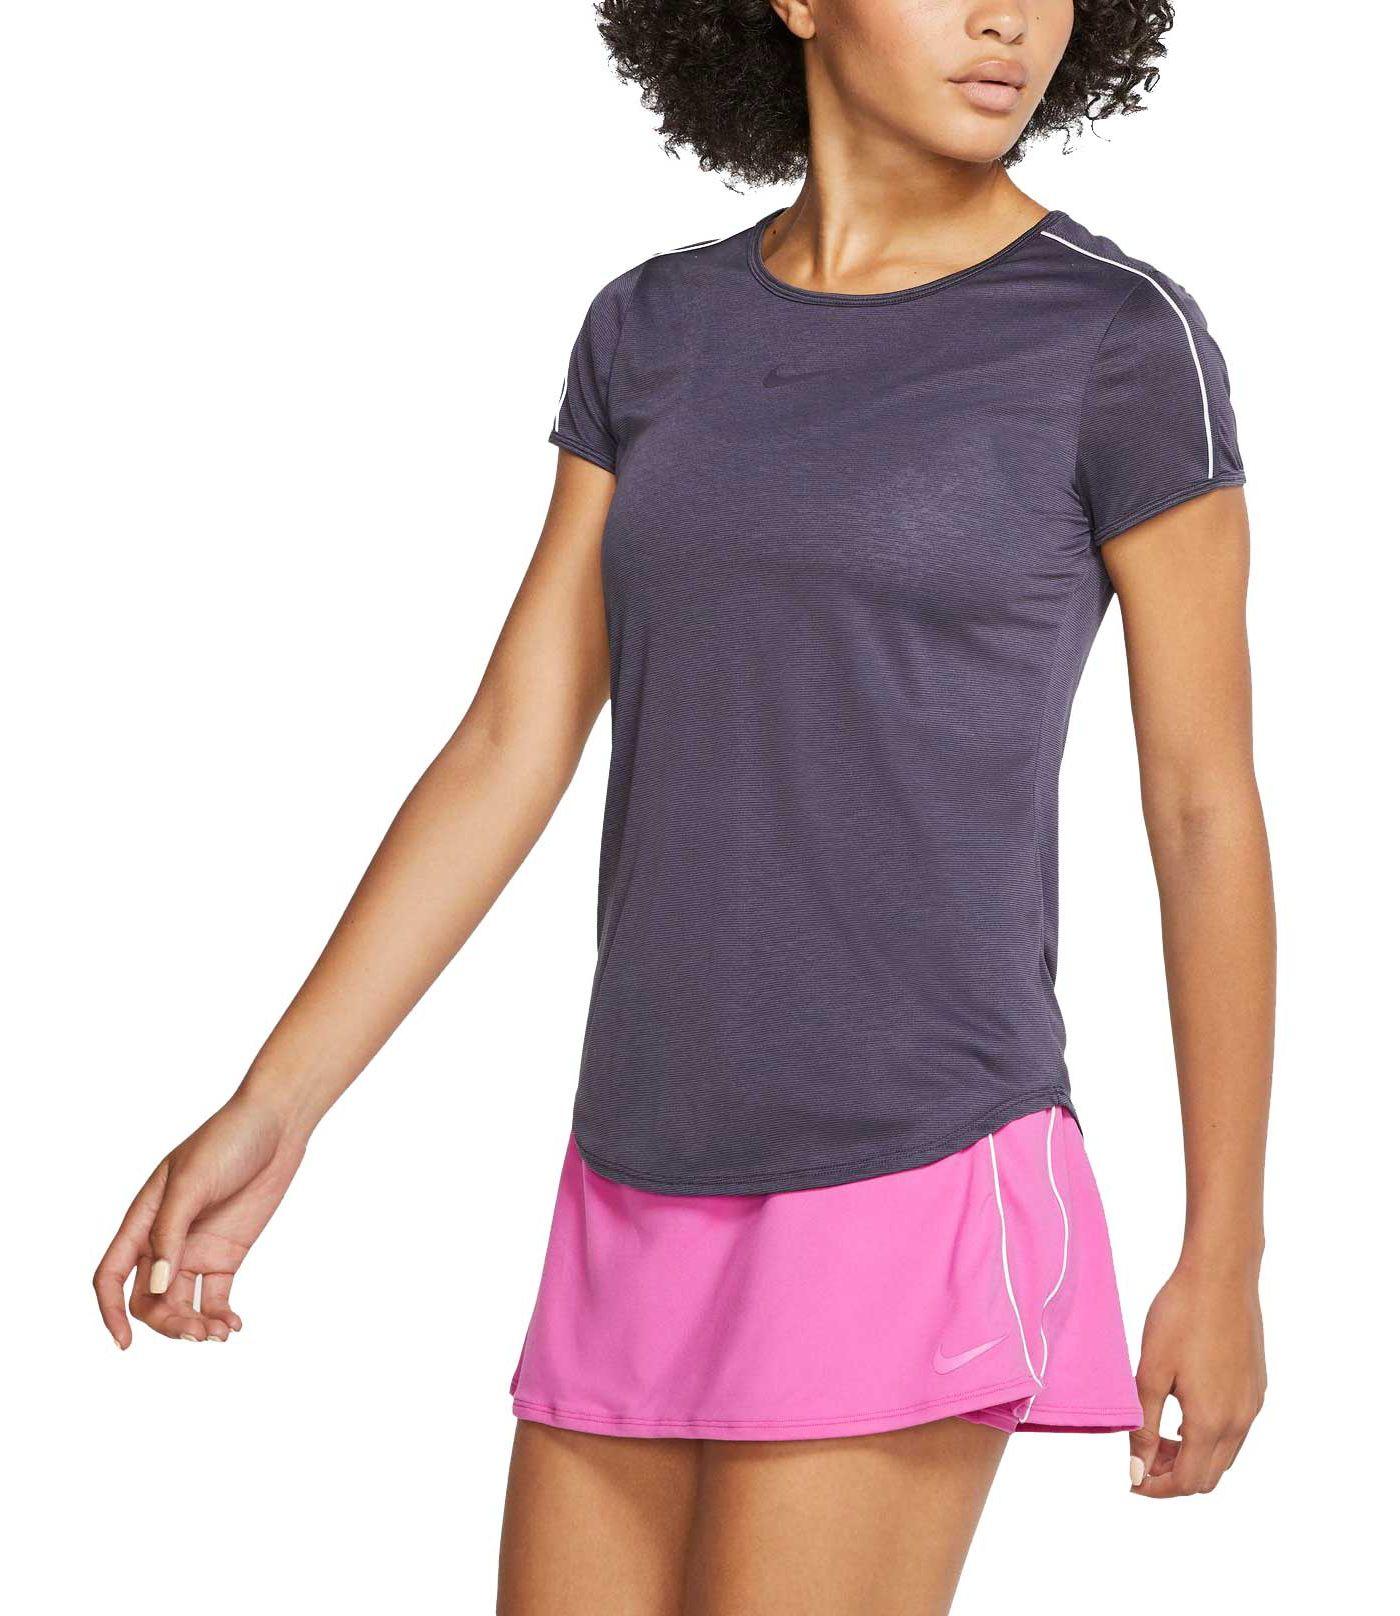 Nike Women's NikeCourt Dri-FIT Tennis T-Shirt